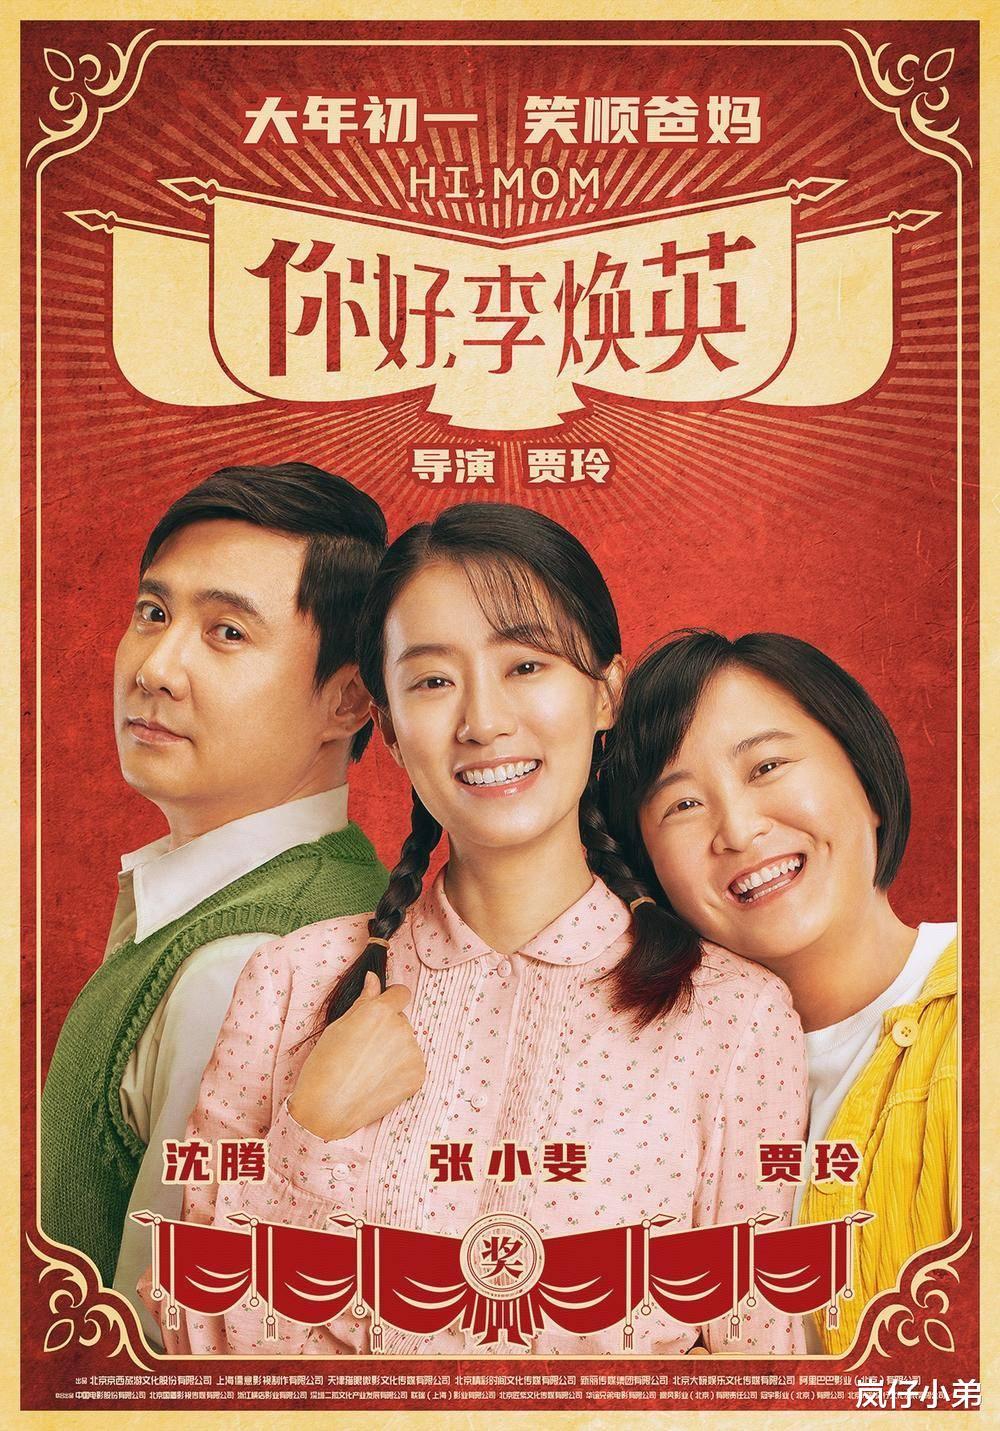 春节档炮灰电影在海外爆红,多个国家登顶第一,更改电影名遭群嘲!